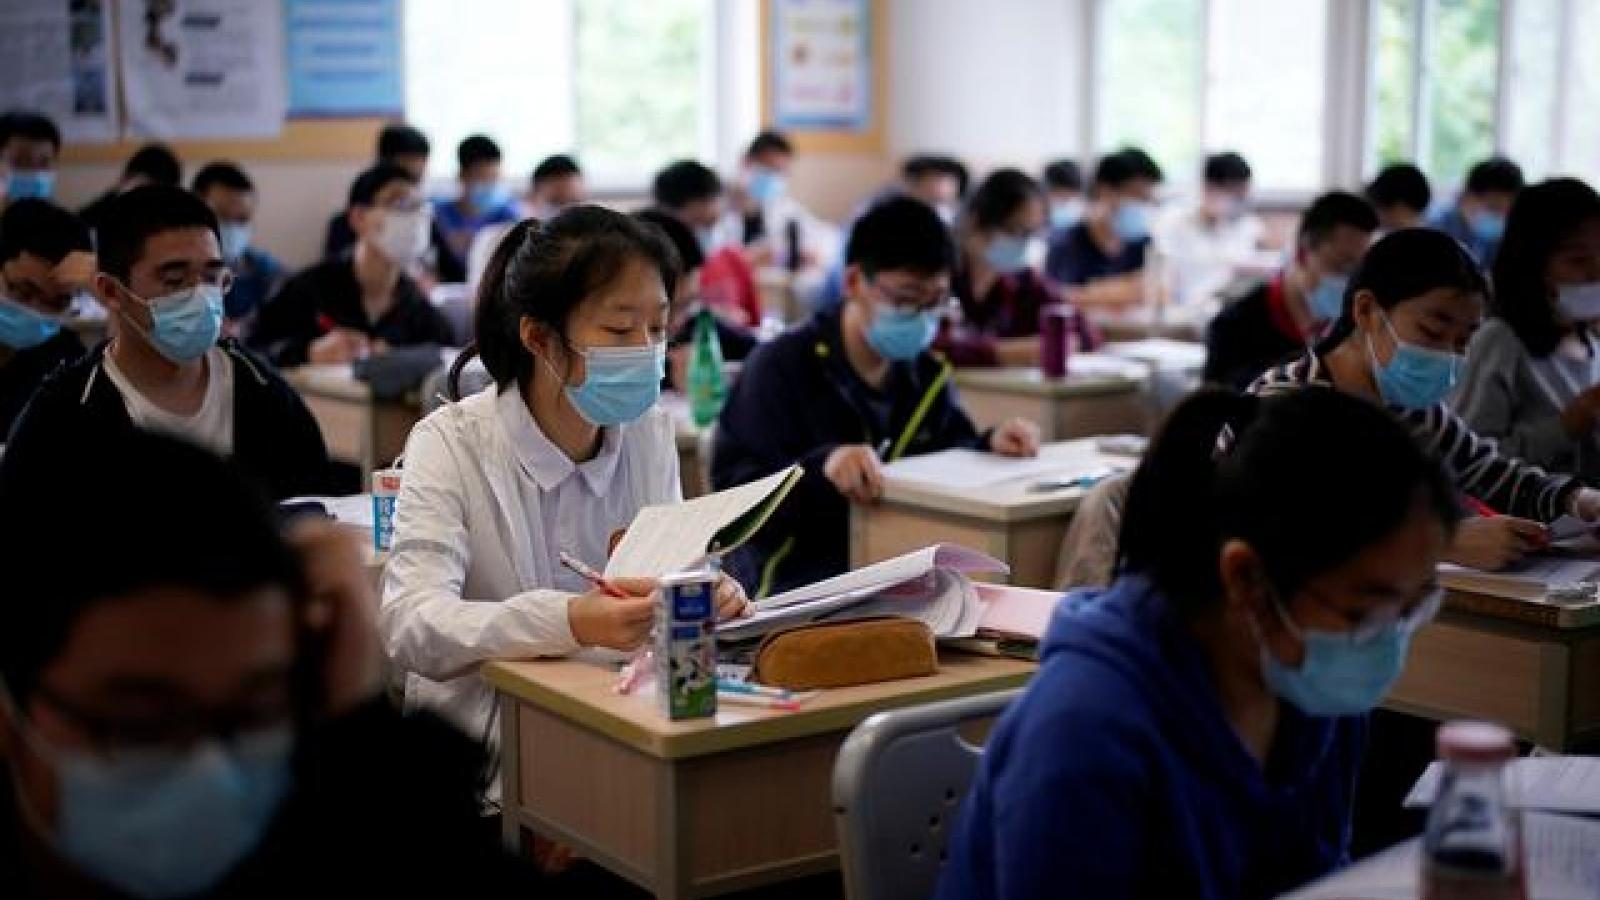 Trung Quốc thắt chặt quản lý việc học sinh sử dụng điện thoại tại trường